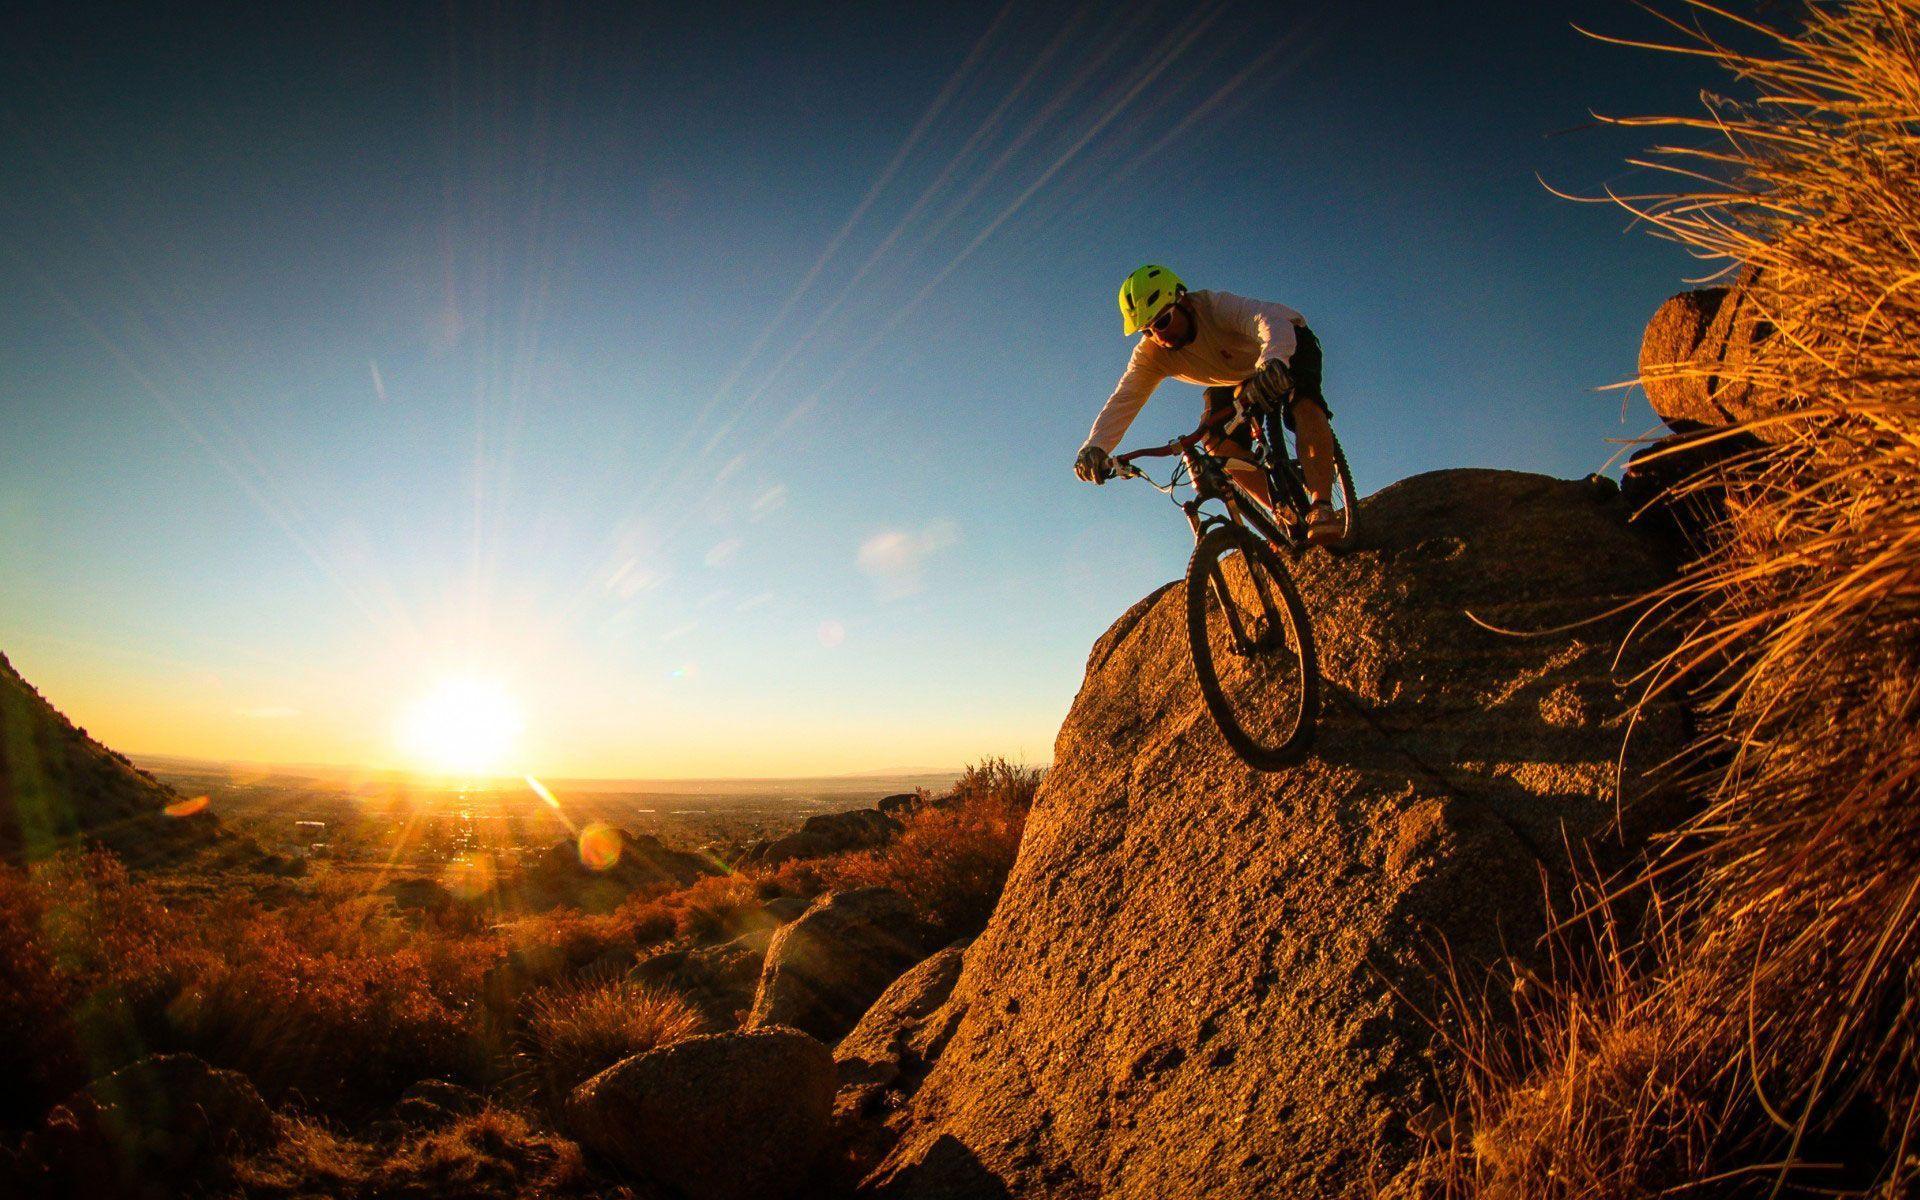 Mountain Biking Wallpapers Top Free Mountain Biking Backgrounds Wallpaperaccess